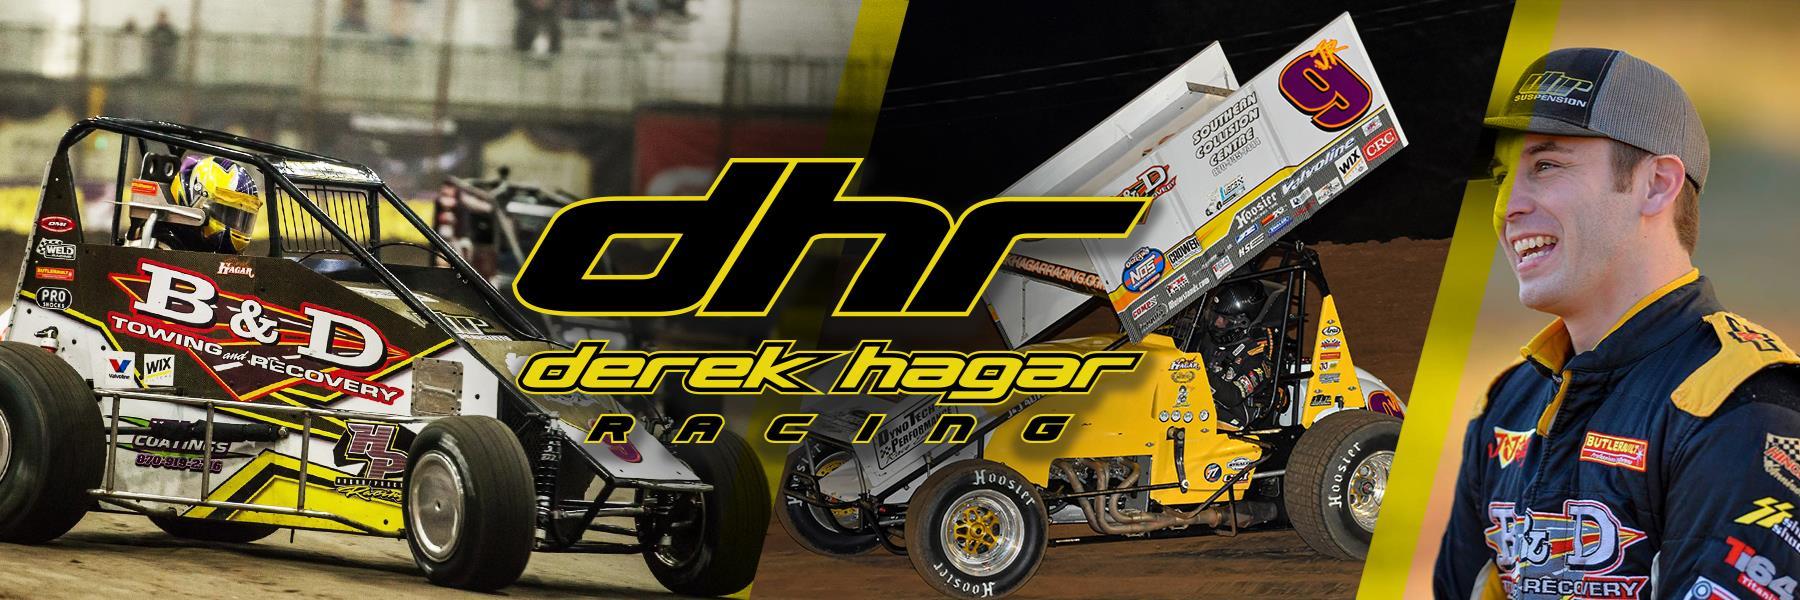 Derek Hagar